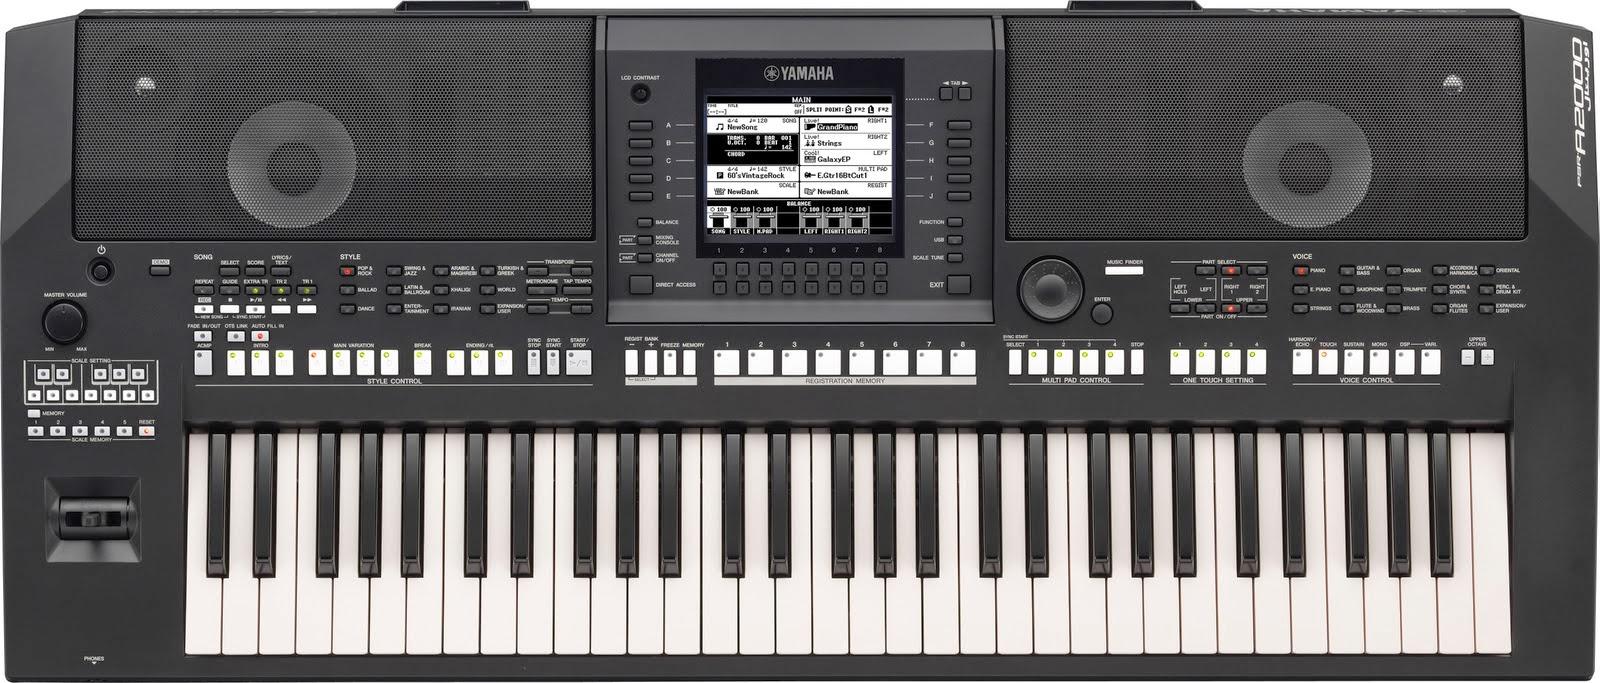 Harga Yamaha Keyboard Tyros